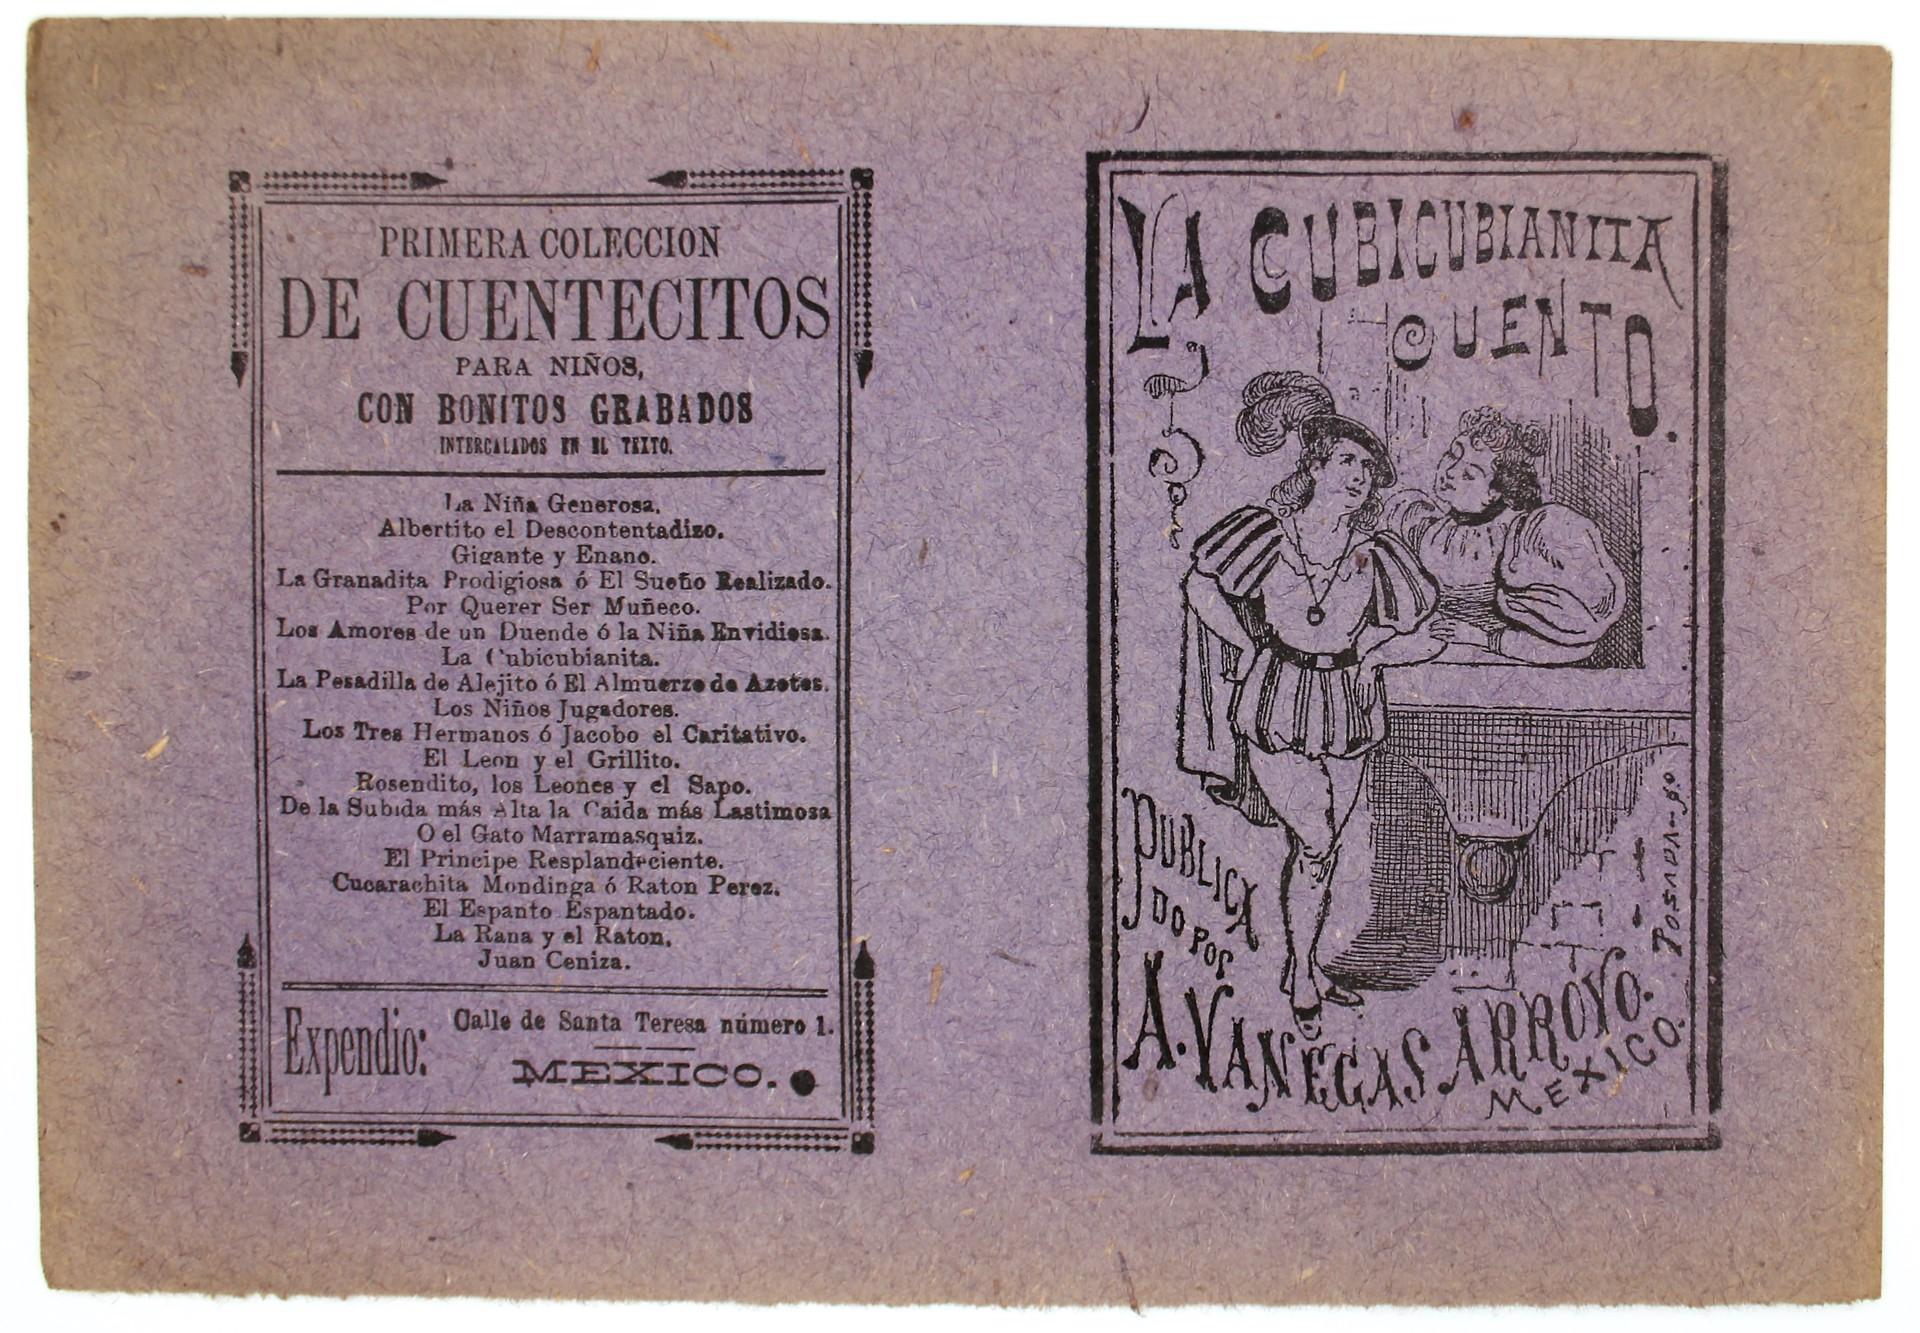 La Cubicubianita by José Guadalupe Posada (1852 - 1913)